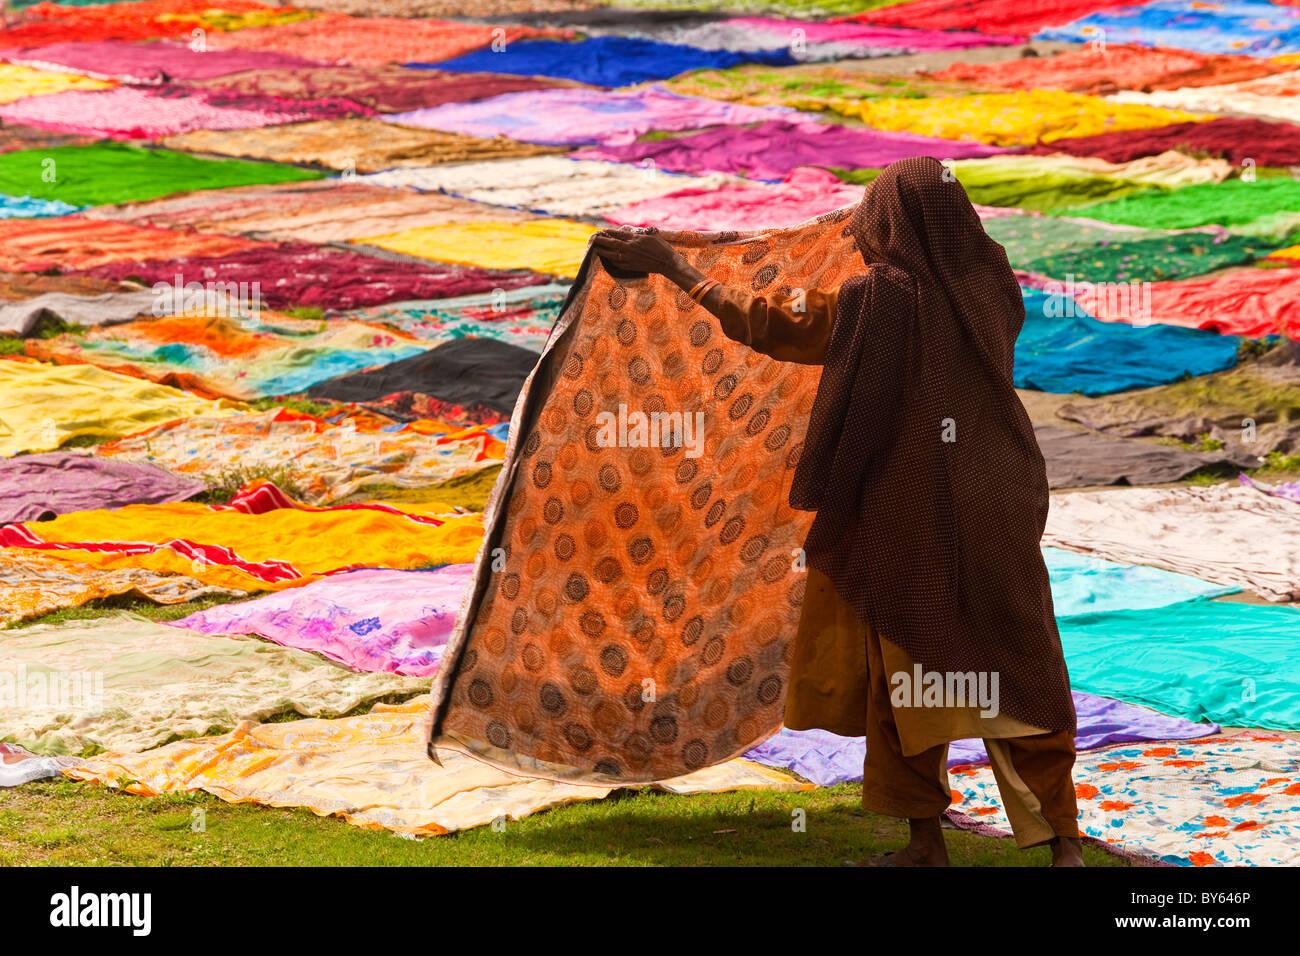 Le séchage après le lavage du sari sur les bords de la rivière Yamuna, Agra, Inde Photo Stock